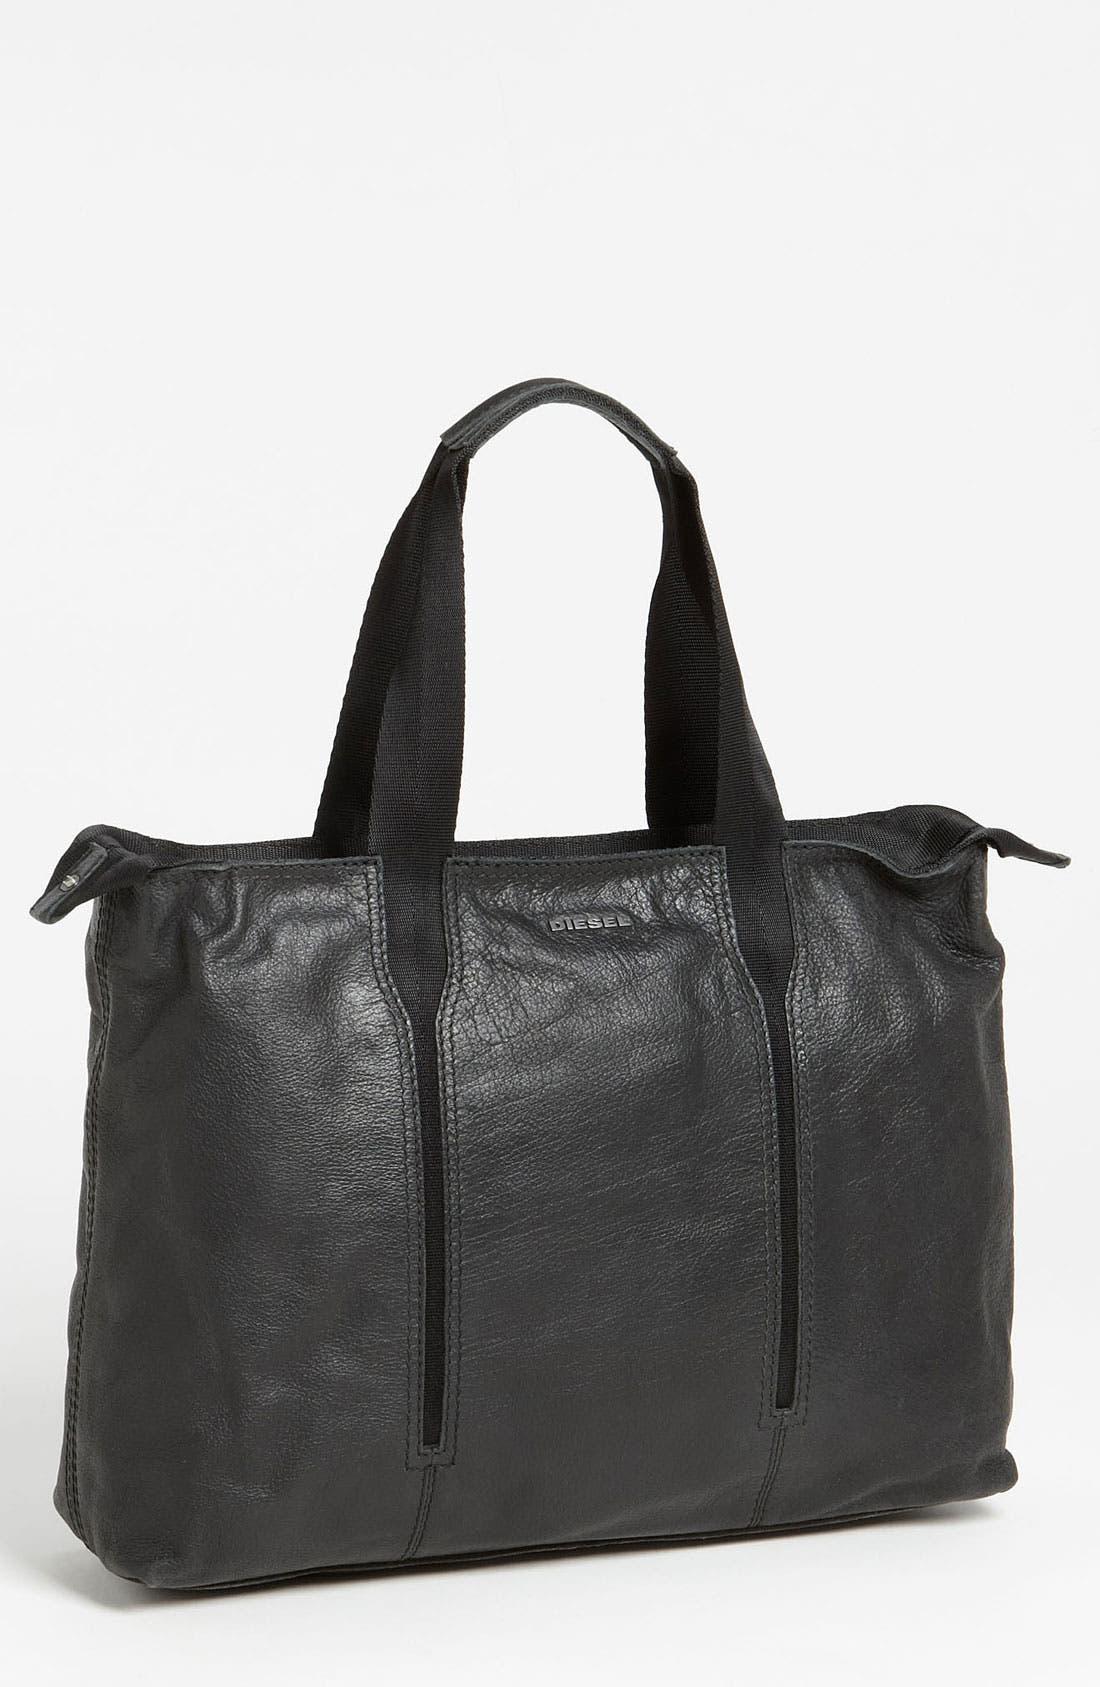 Main Image - DIESEL® 'City Slicky' Tote Bag